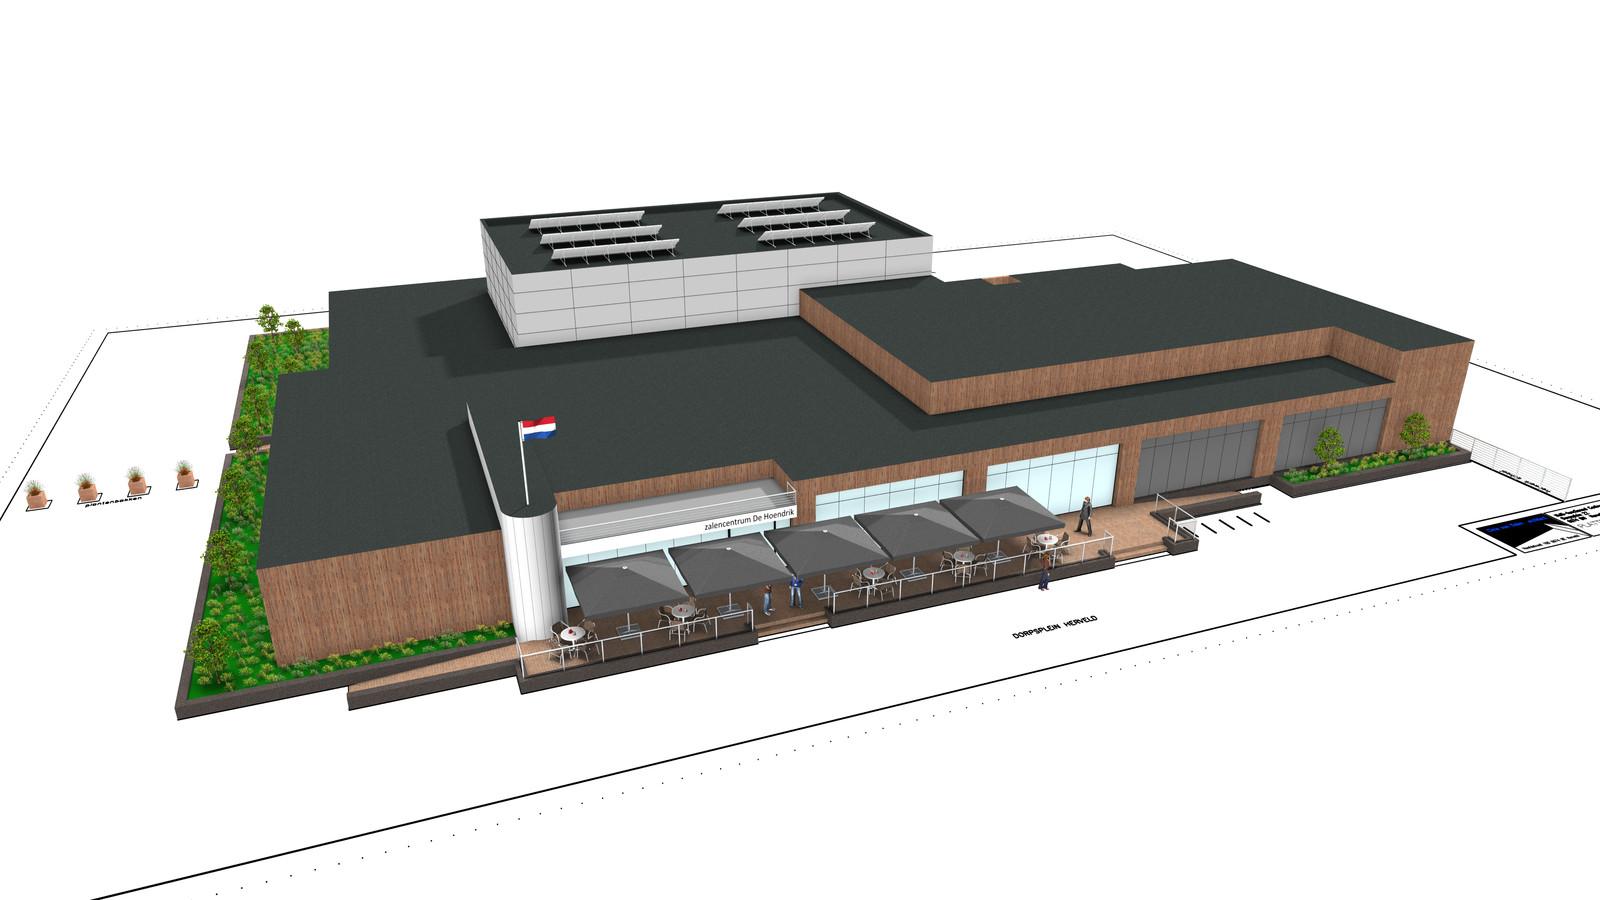 Het nieuwe dorpshuis, mét erachter een sportzaal, in Herveld